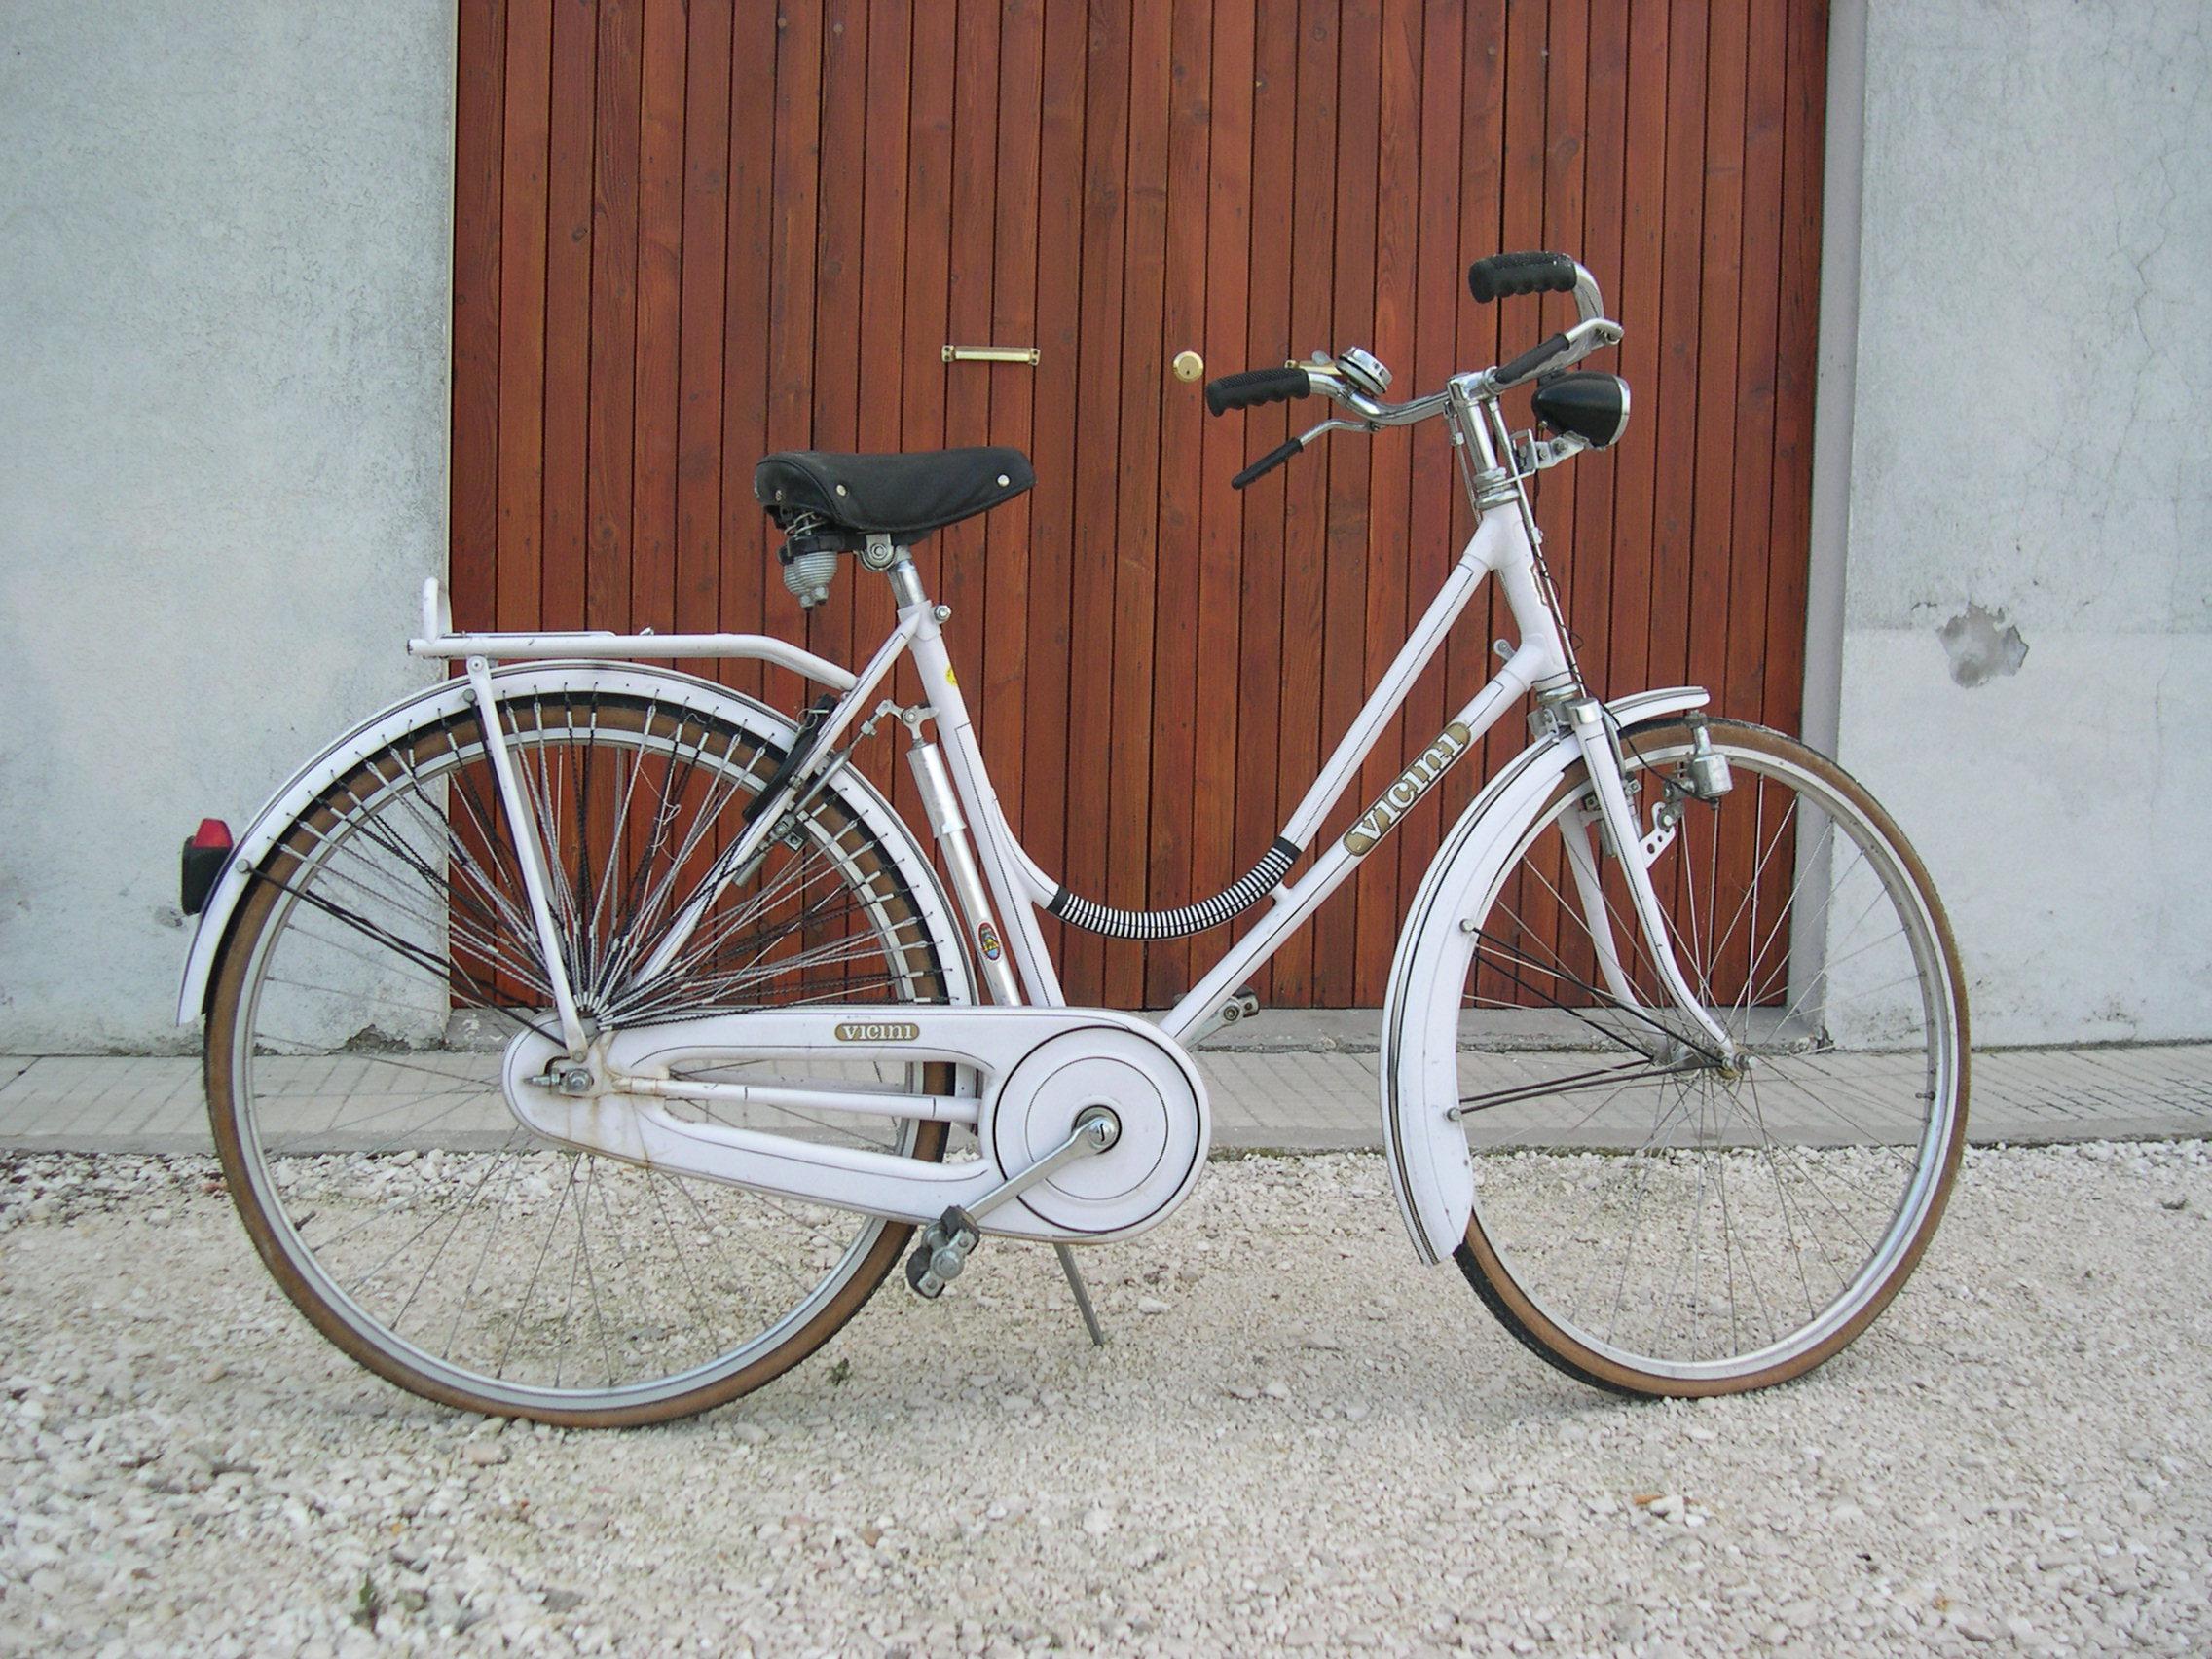 Bicicletta Vicini Modello Donna Anno 1987 Freni A Battecca Pezzi